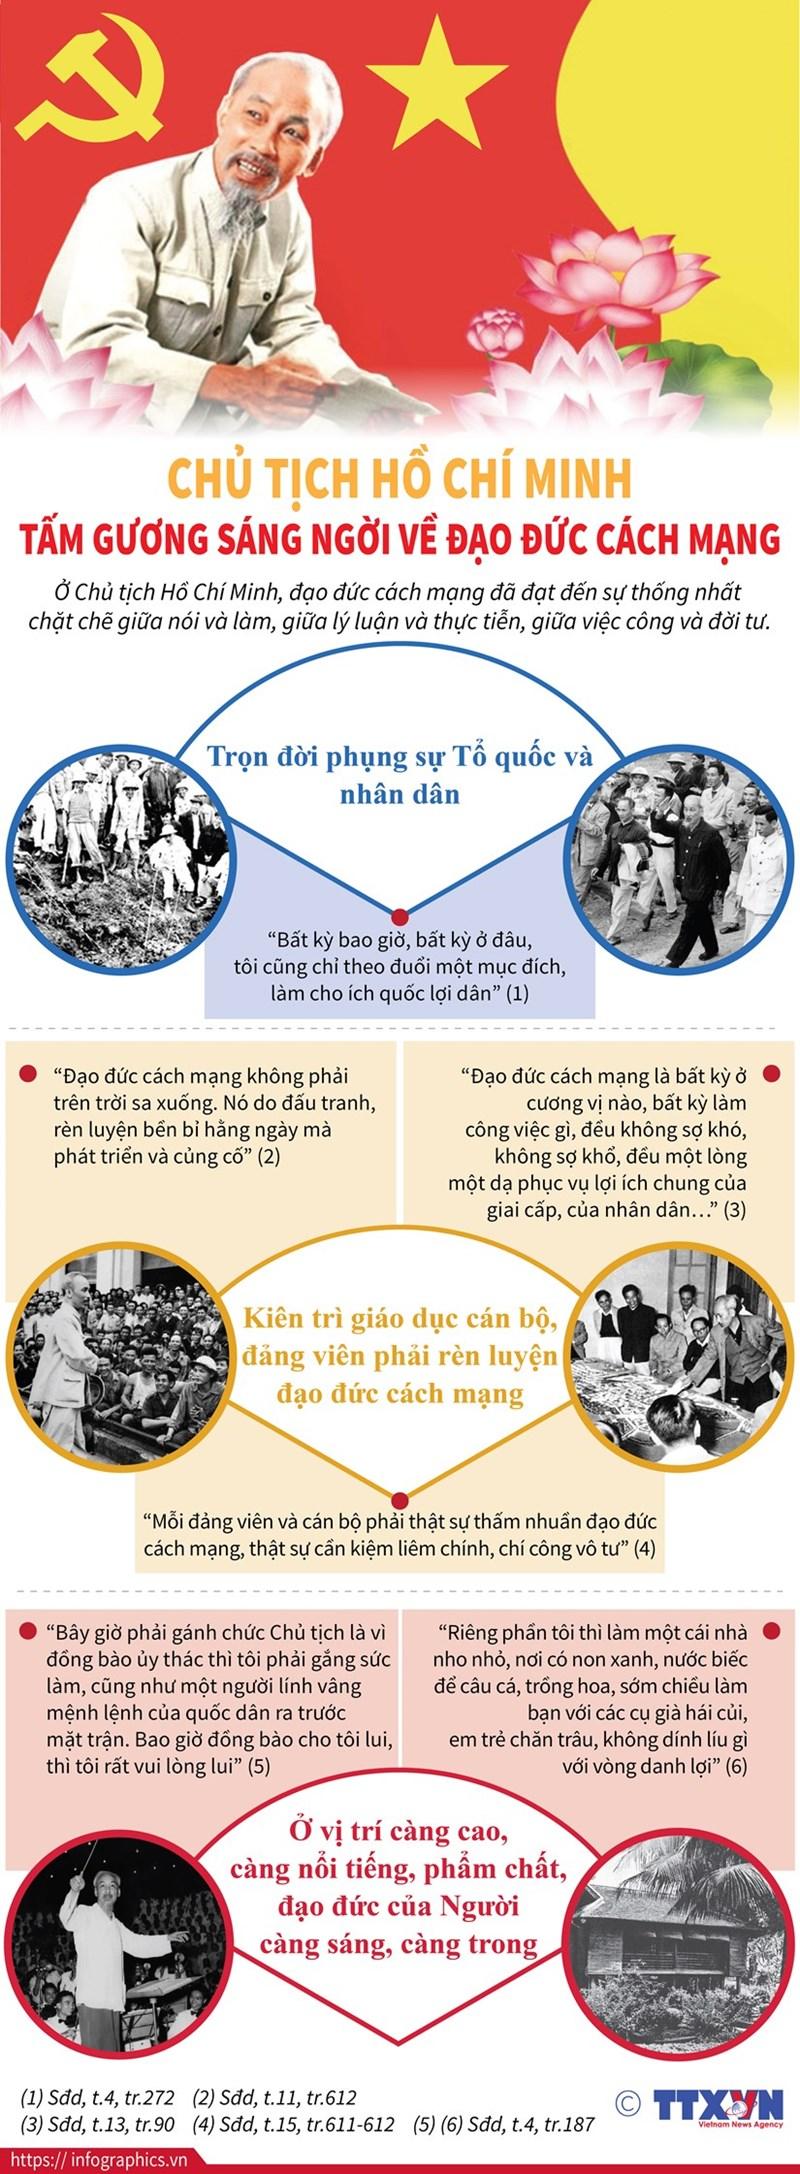 [Infographics] Tư tưởng Hồ Chí Minh về đạo đức cách mạng - Ảnh 1